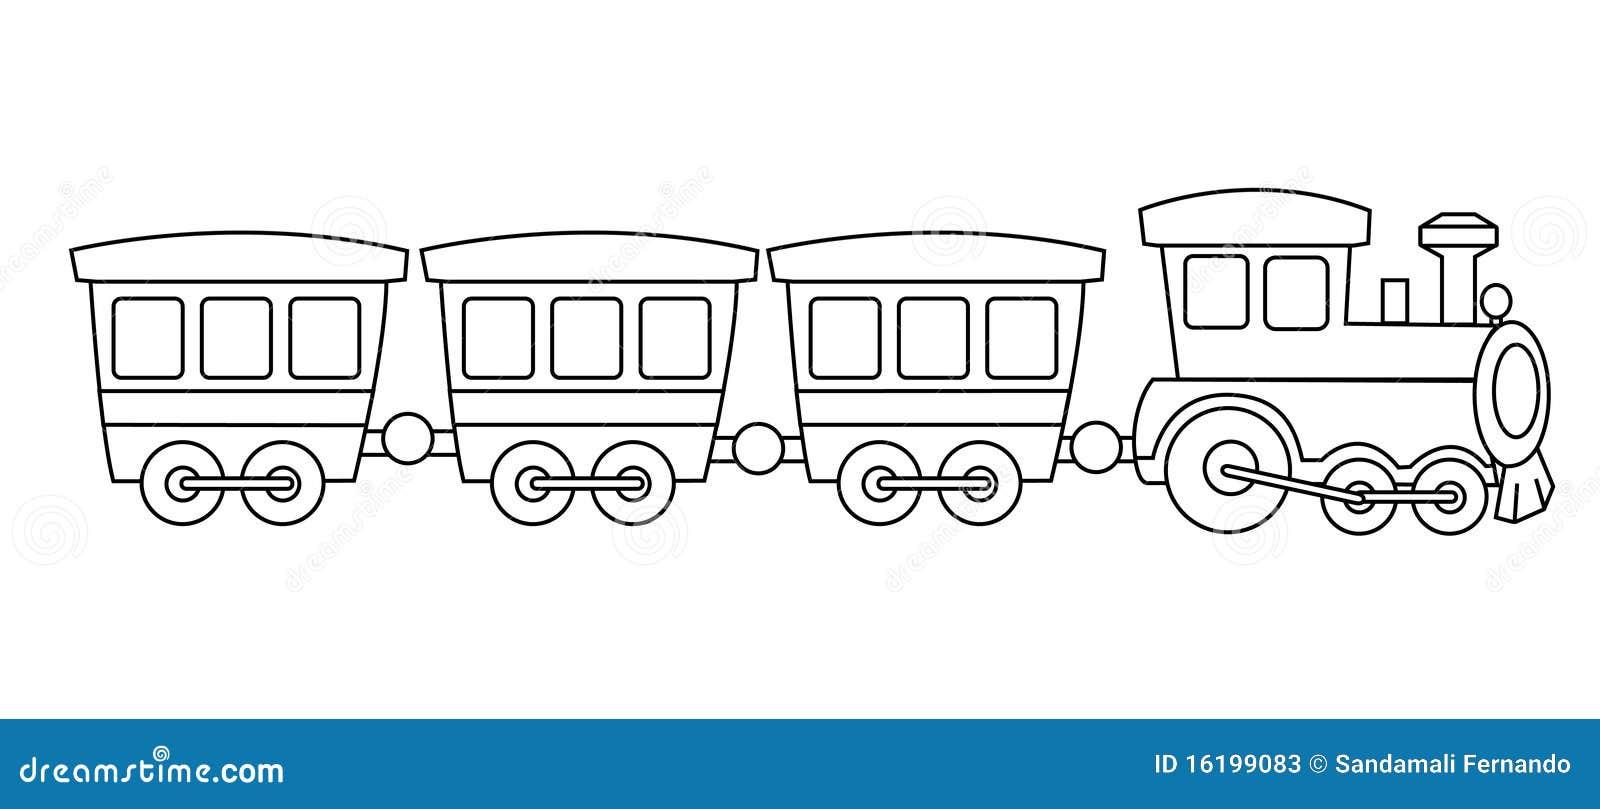 Tren Ilustraciones Stock, Vectores, Y Clipart – (47,364 ...